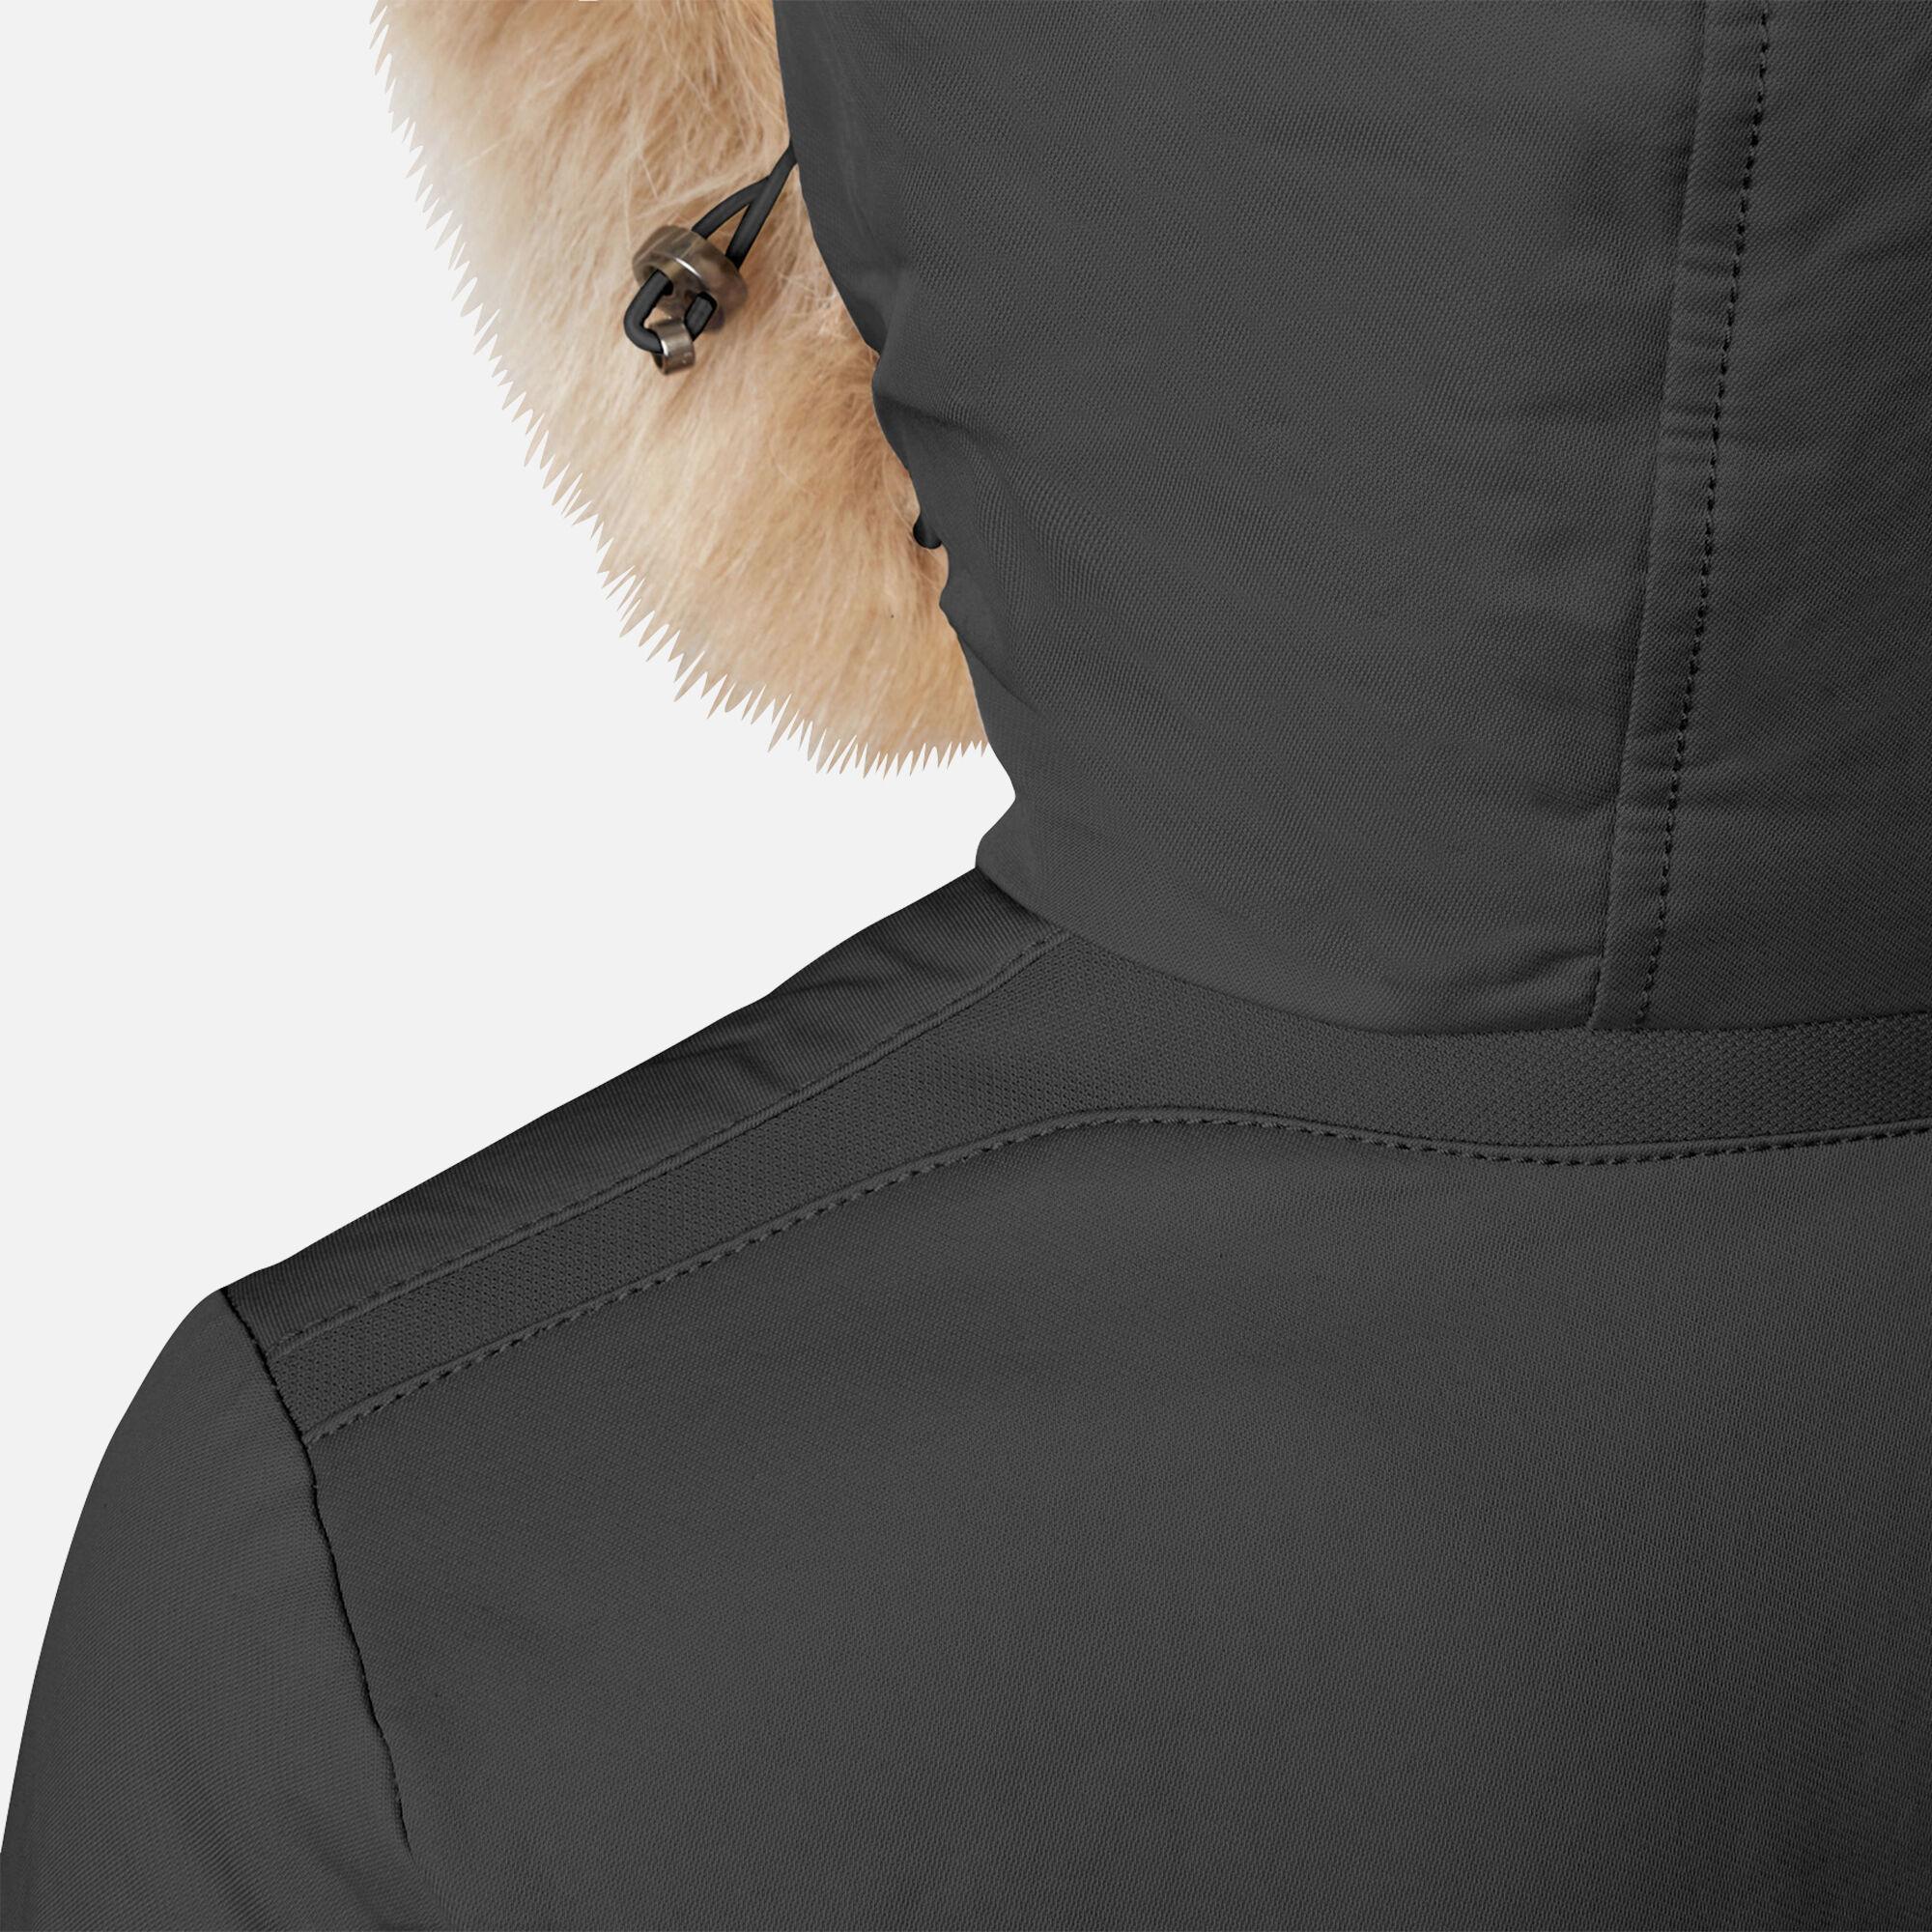 Geox CARUM Frau: schwarze Jacke | Geox HerbstWinter